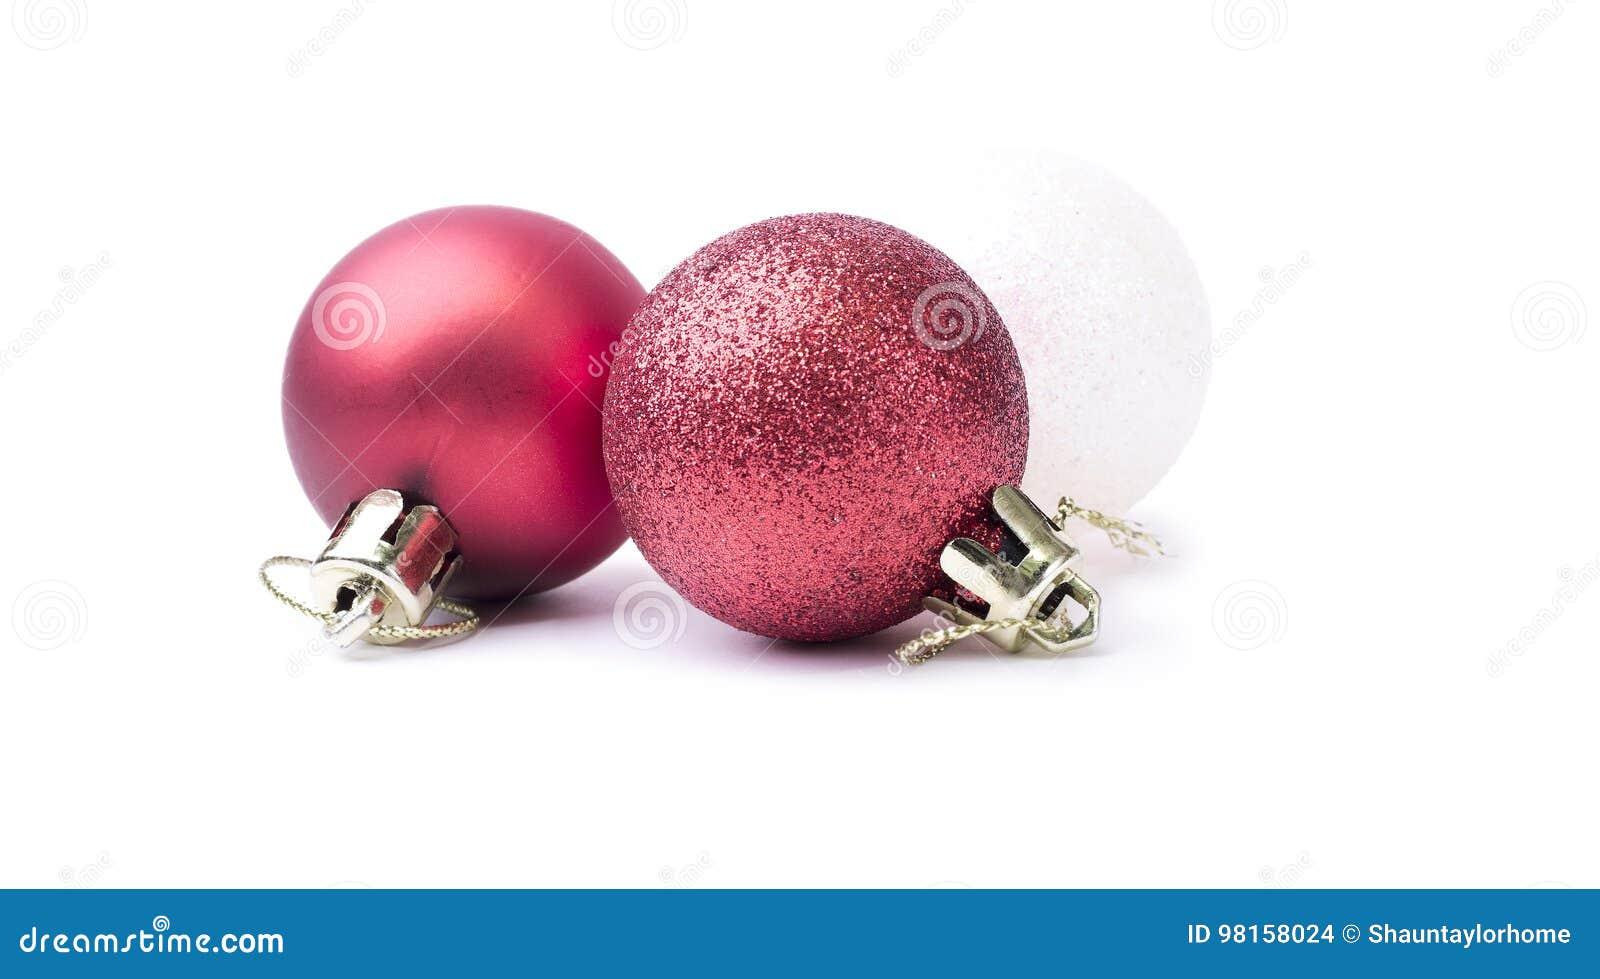 Chucherías de la Navidad roja y blanca del brillo brillante aisladas en un puro